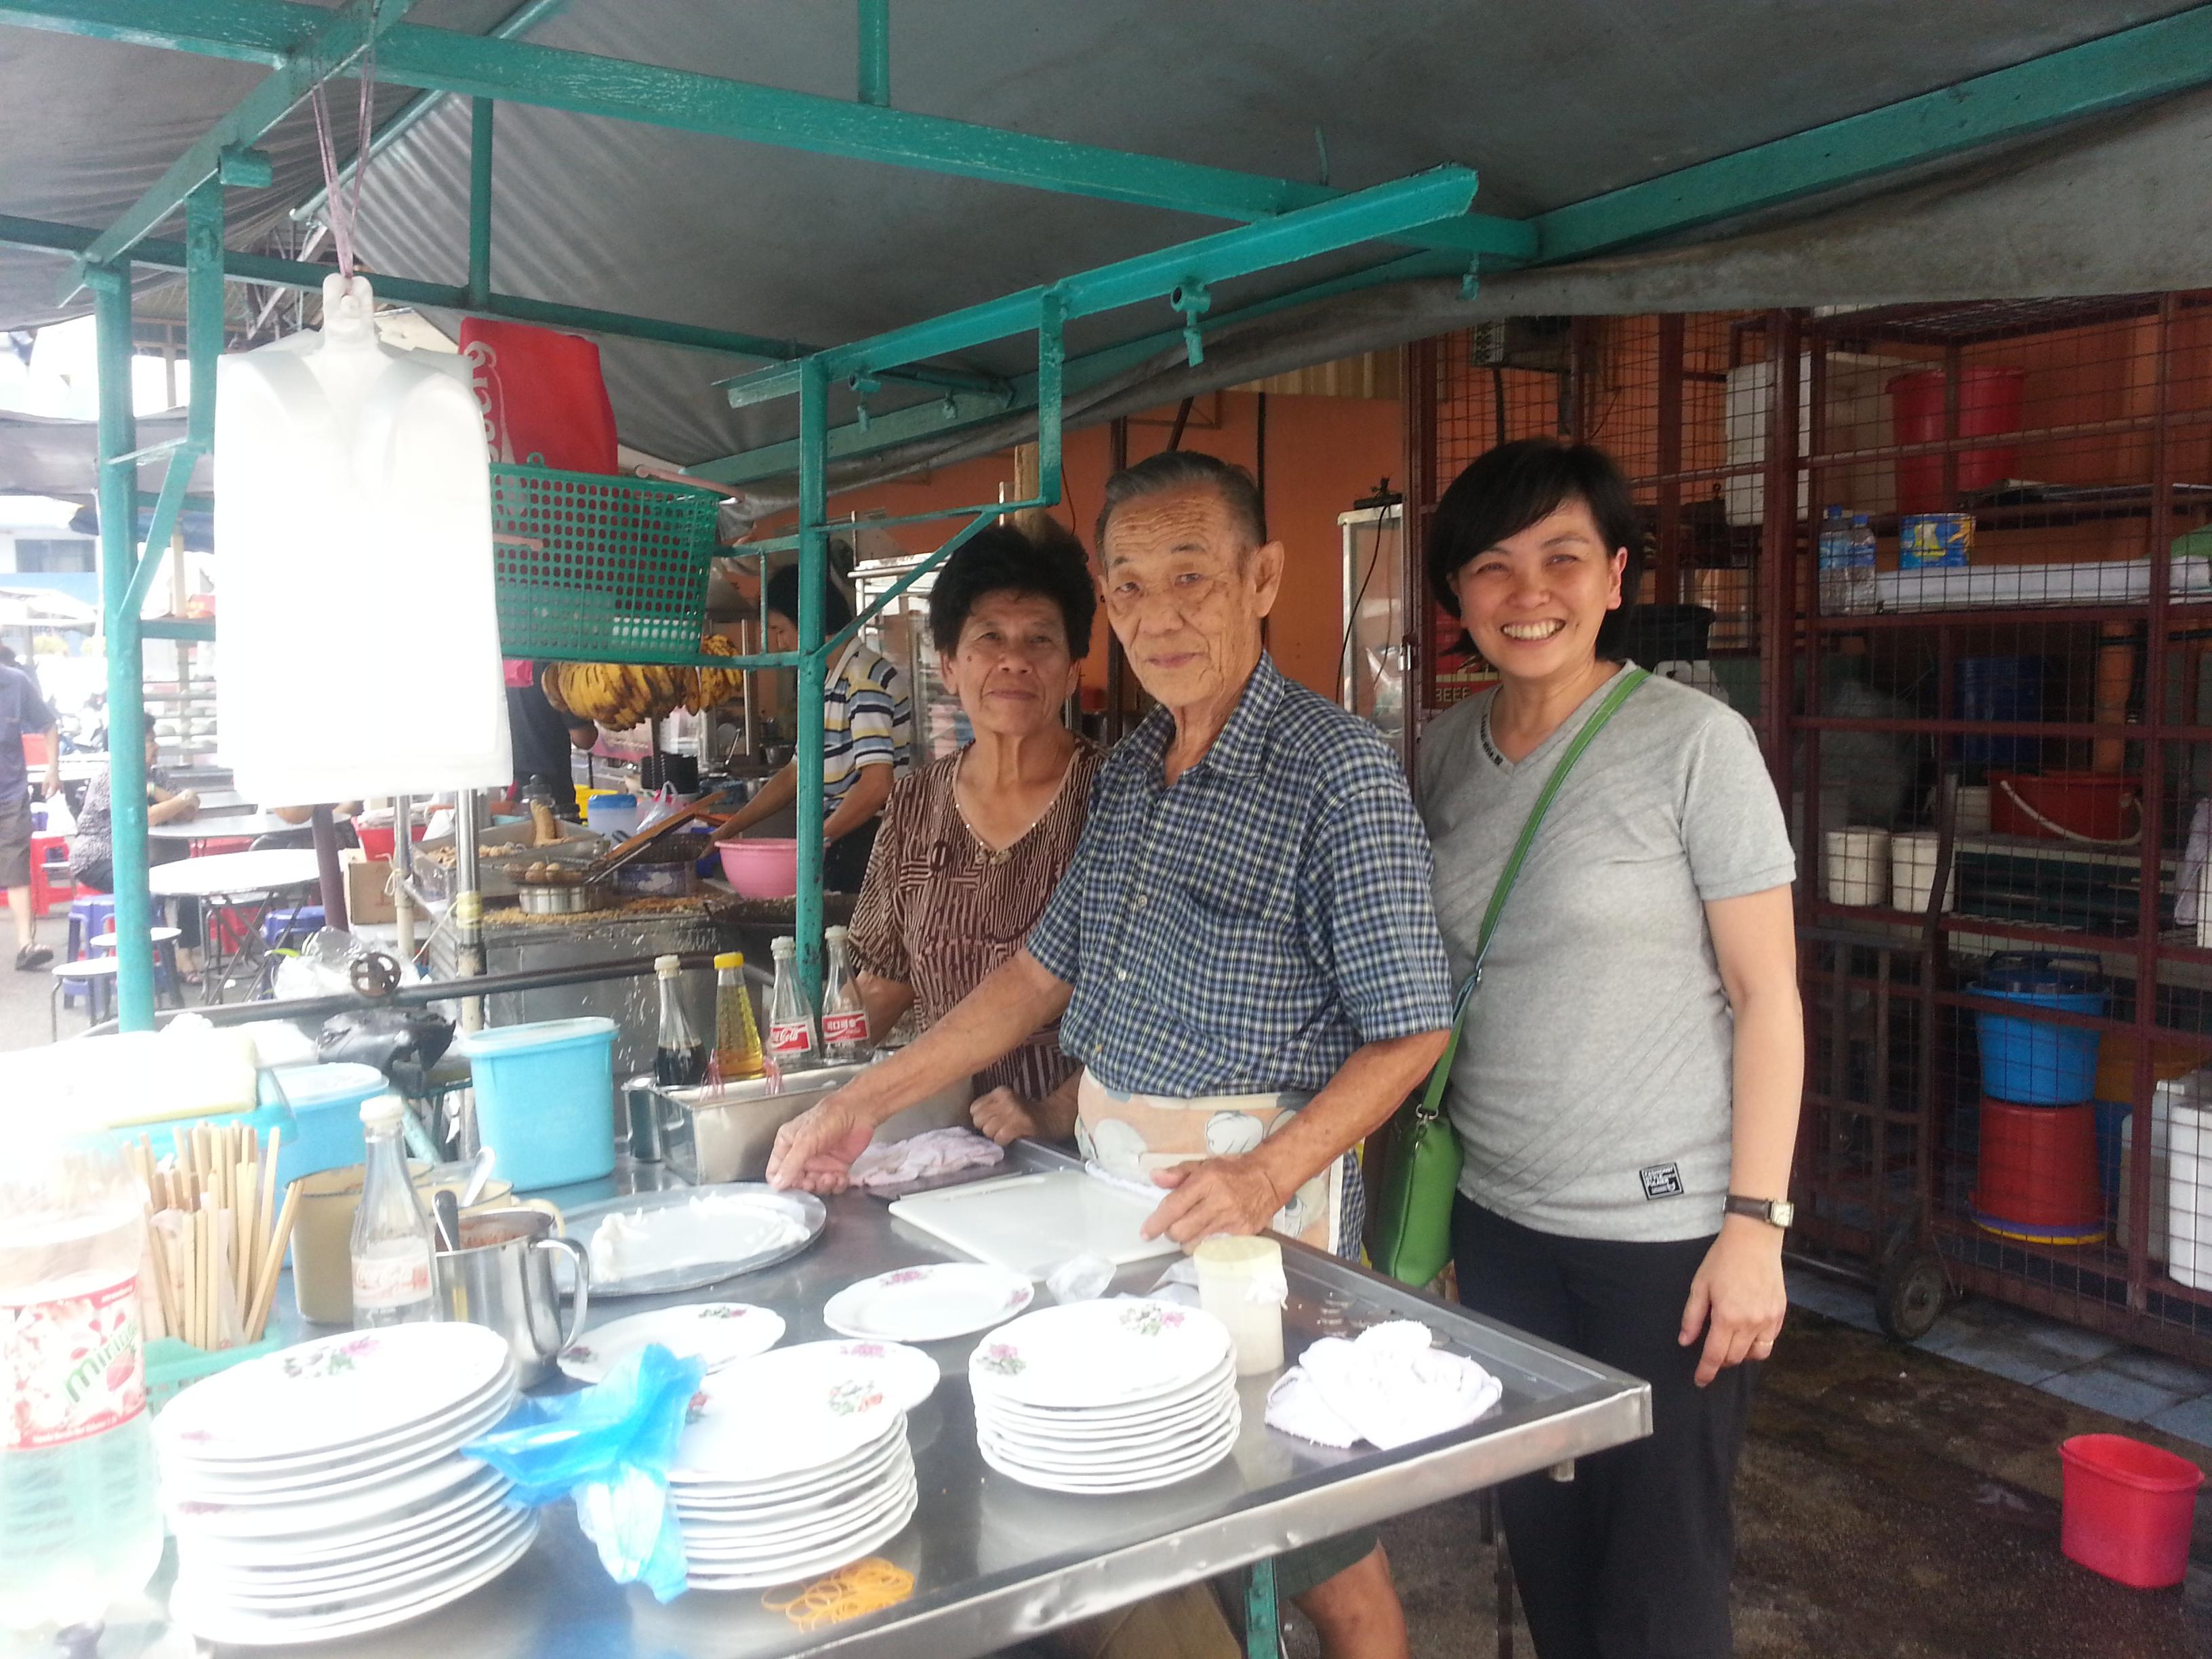 Penang Pulau Tikus market